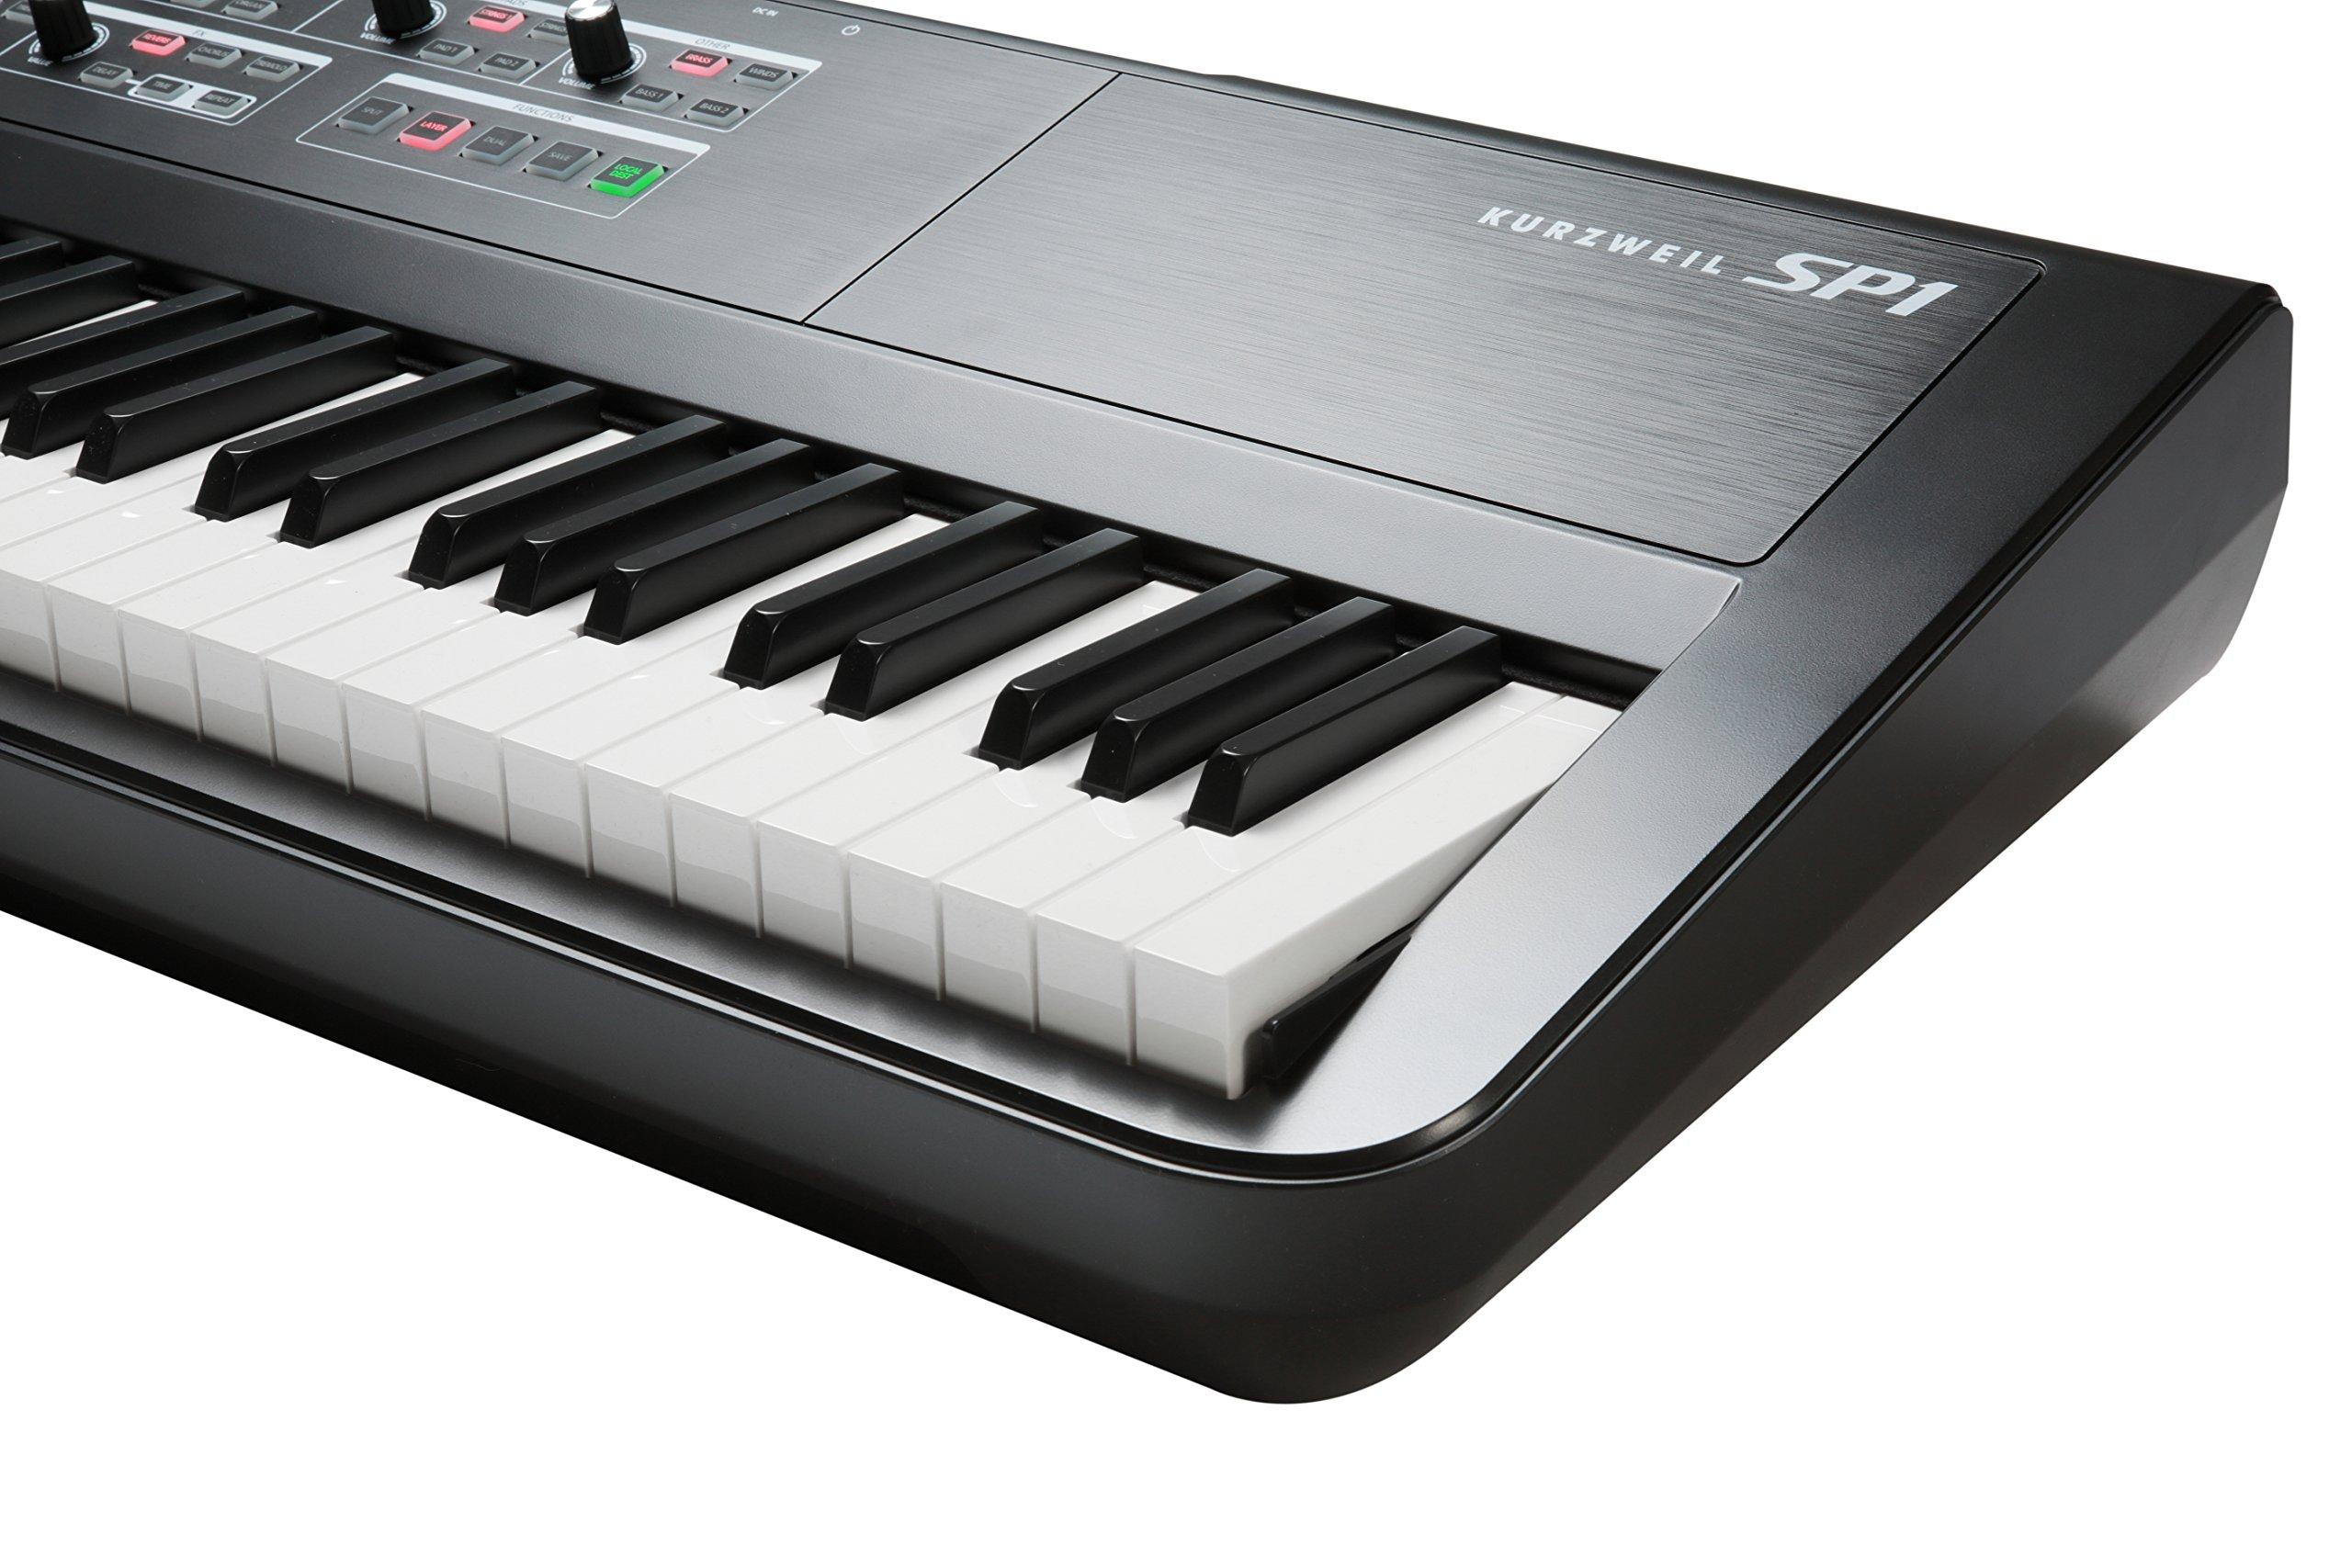 Kurzweil SP1 88-Key Stage Piano, Black (SP1-LB) by Kurzweil (Image #3)